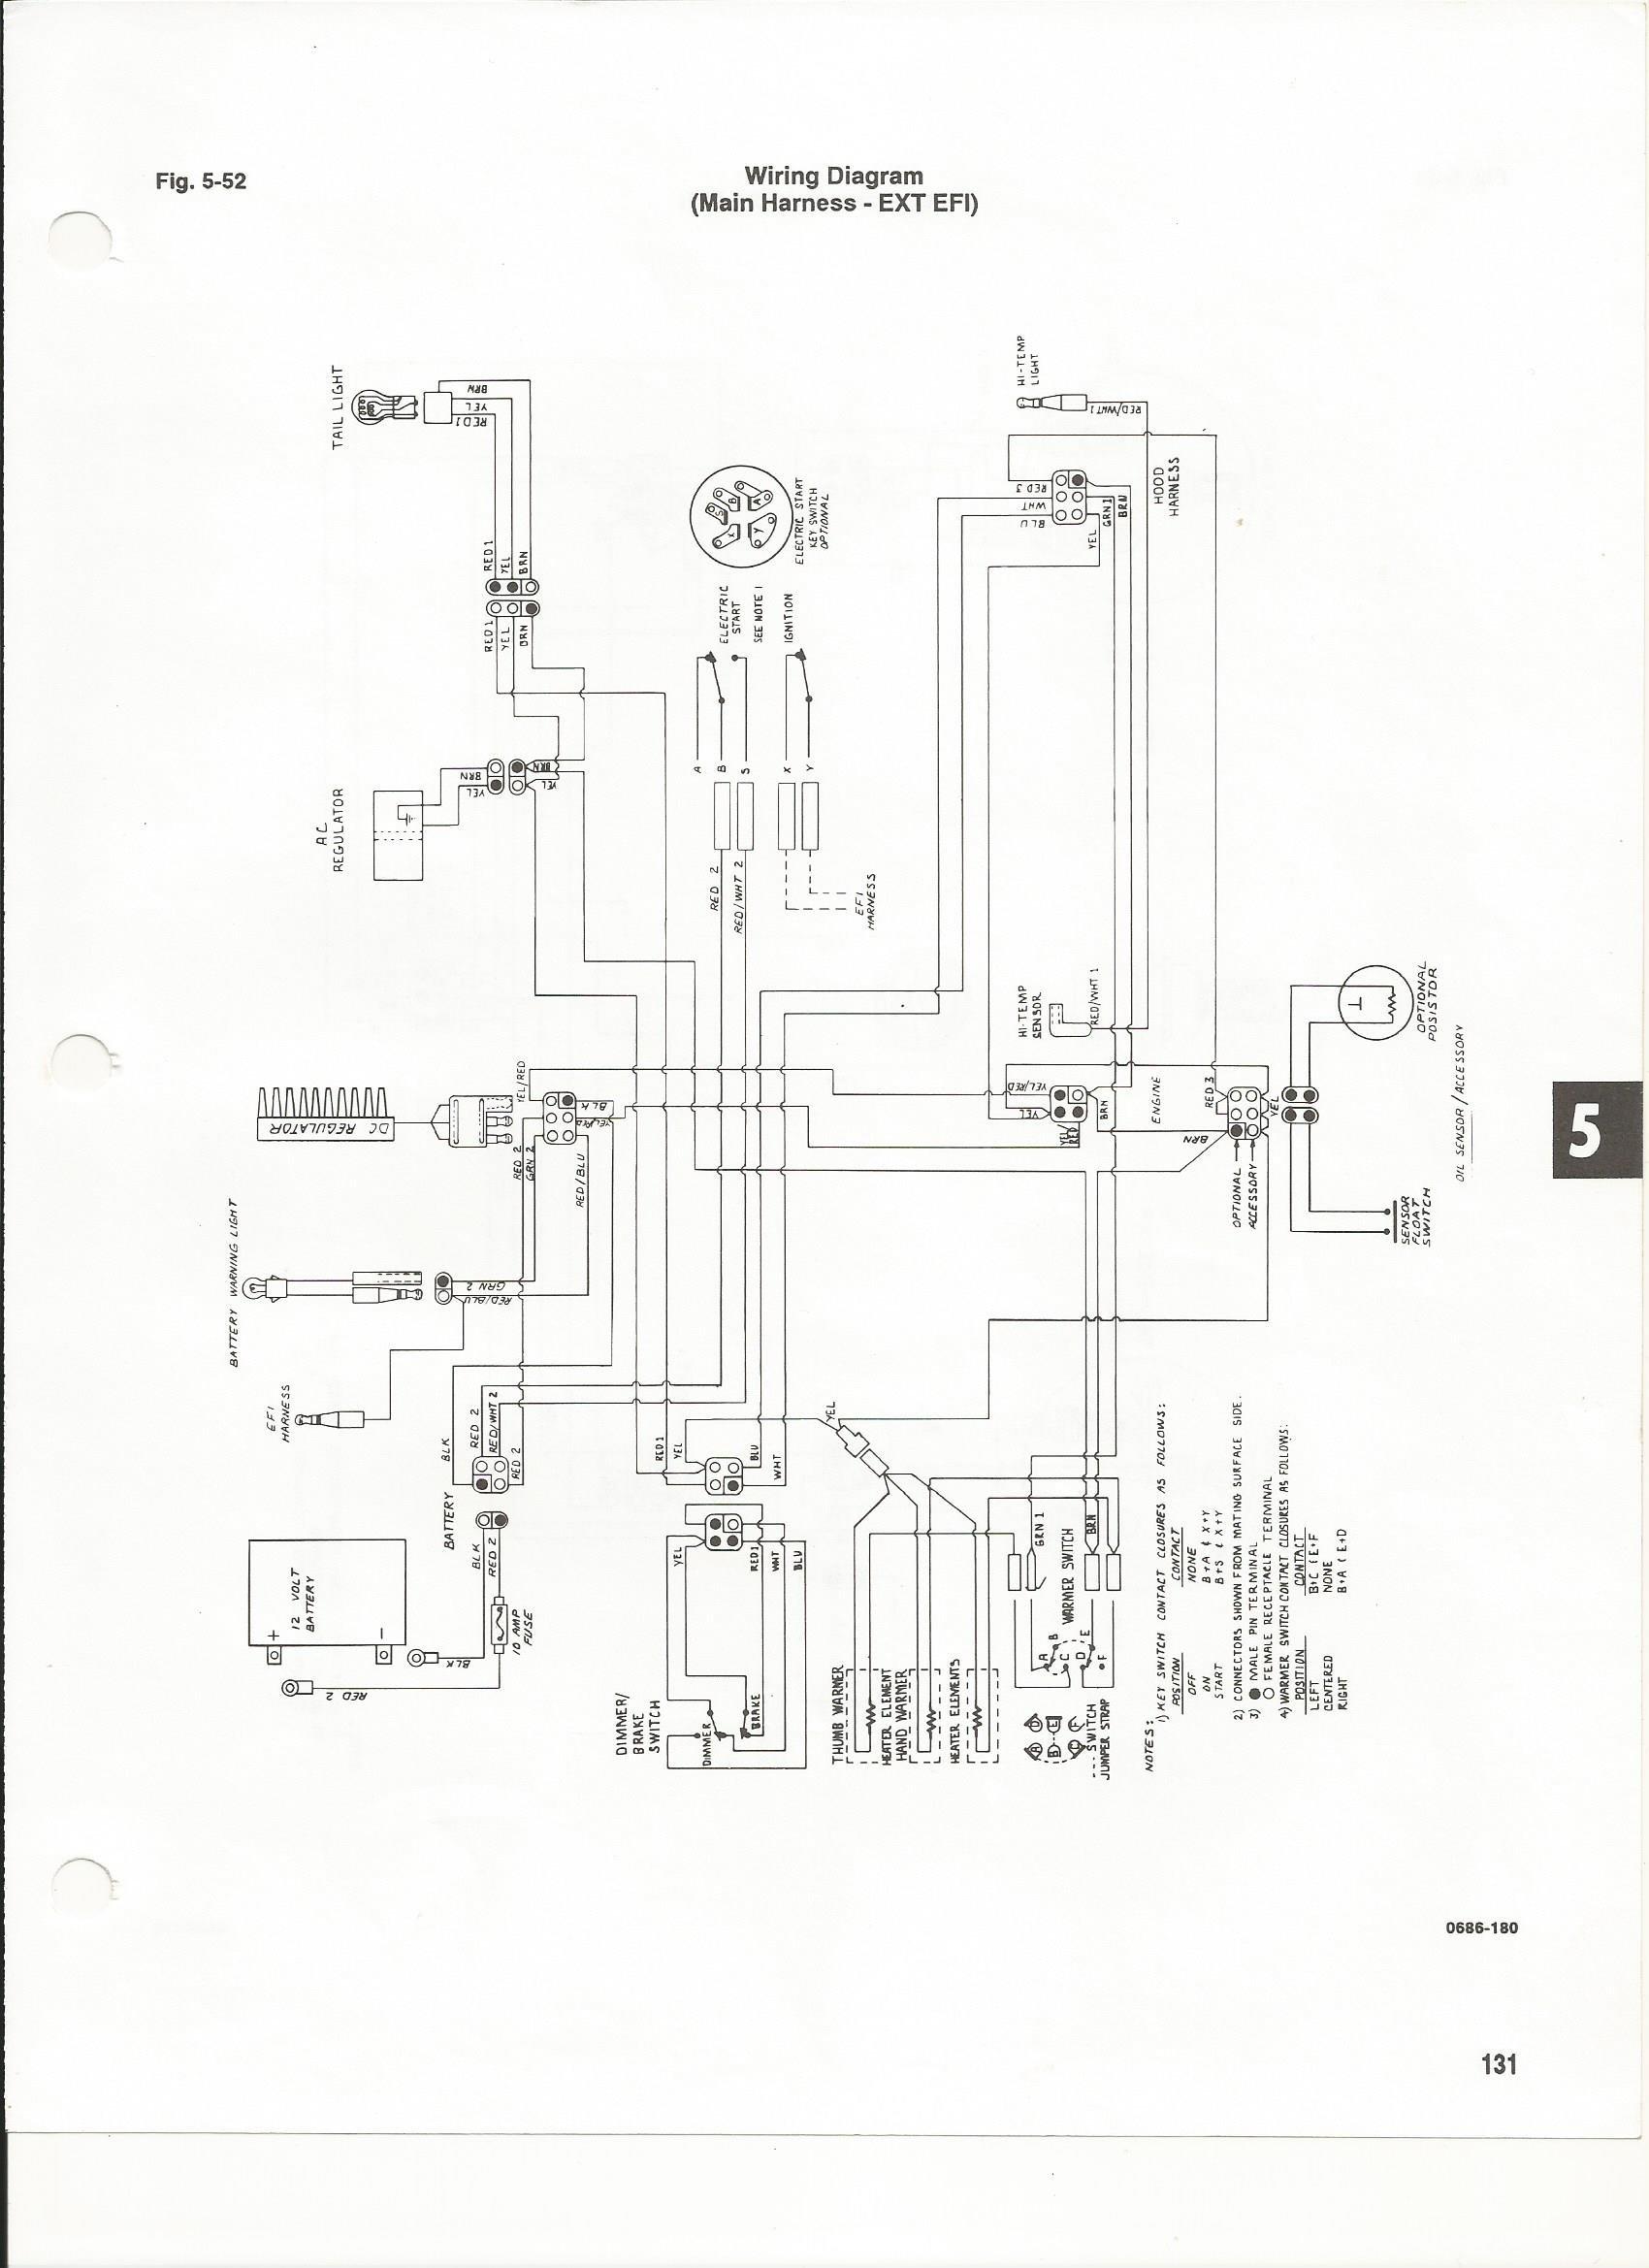 Arctic Cat Atv 400 4x4 Wiring Diagram For A